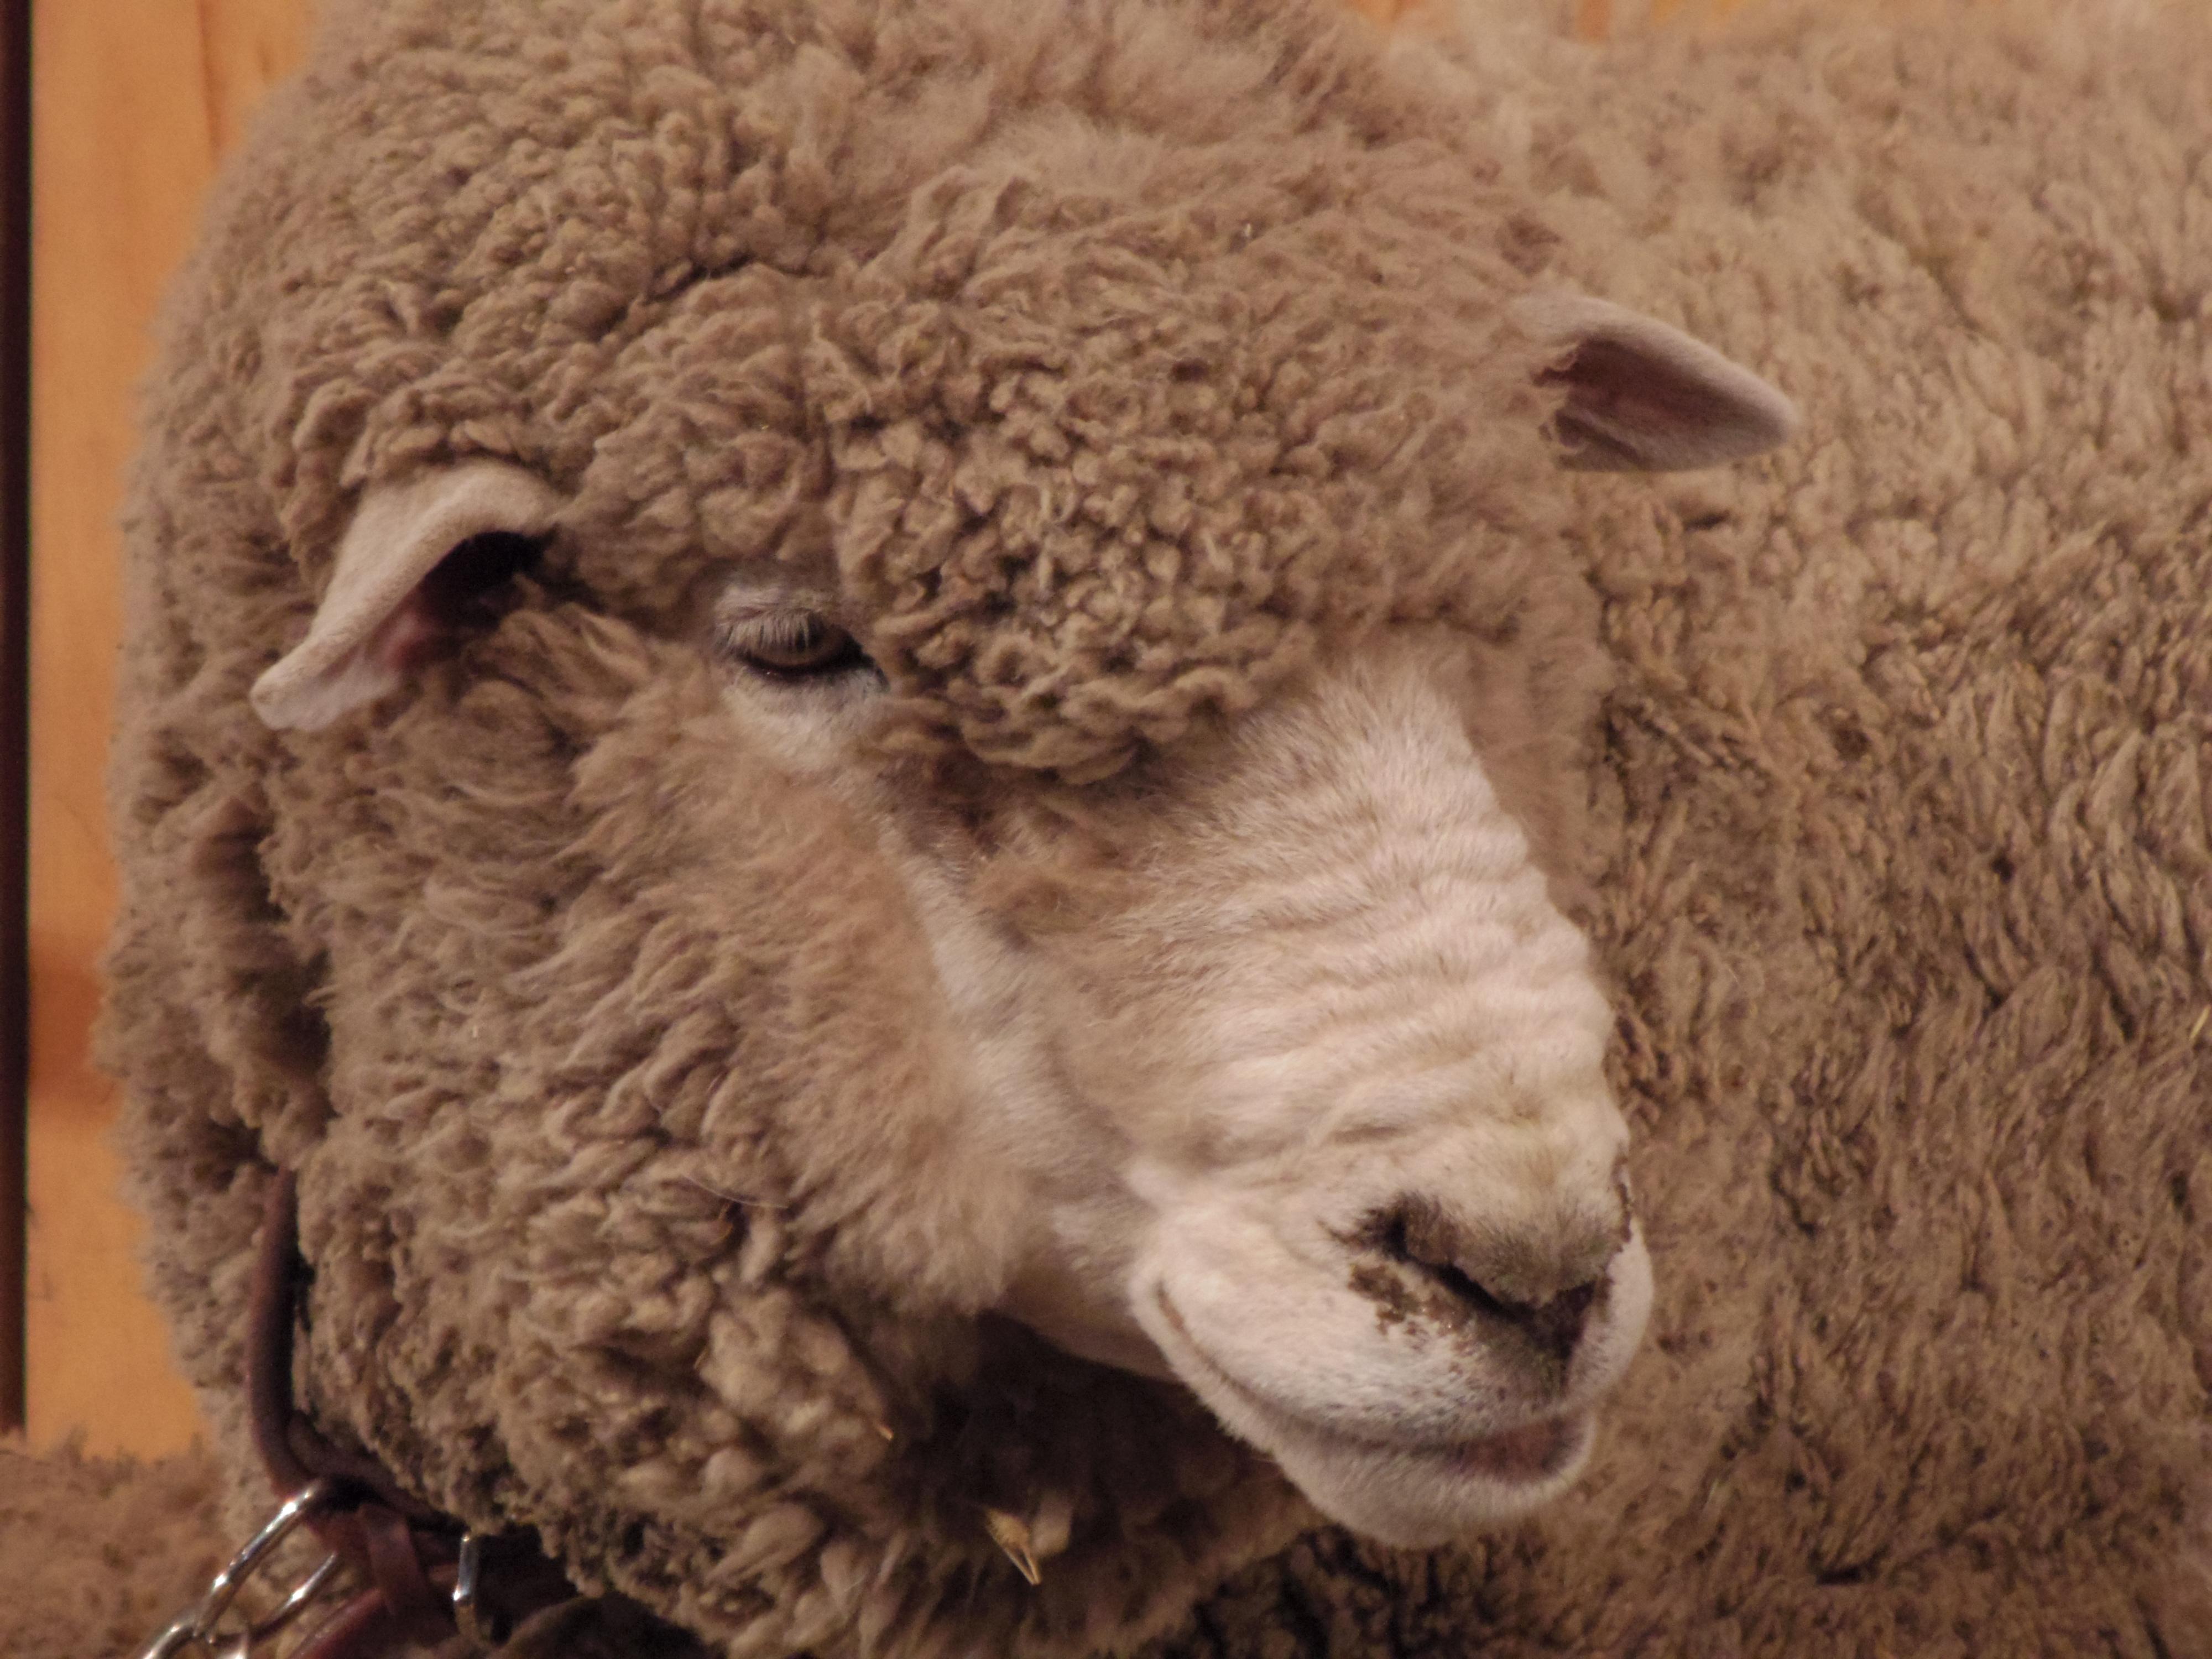 右の羊にぐぐっとズームしてみました。残念ながら目線はもらえず(笑)。PENTAX Q10 / DA 50-200mm F4-5.6 ED WR / 約3.6MB / 4,000×3,000 / 1/60秒 / 絞り目盛り:0 / 0EV / ISO1600 / 絞り優先AE / WB:オート / 200mm